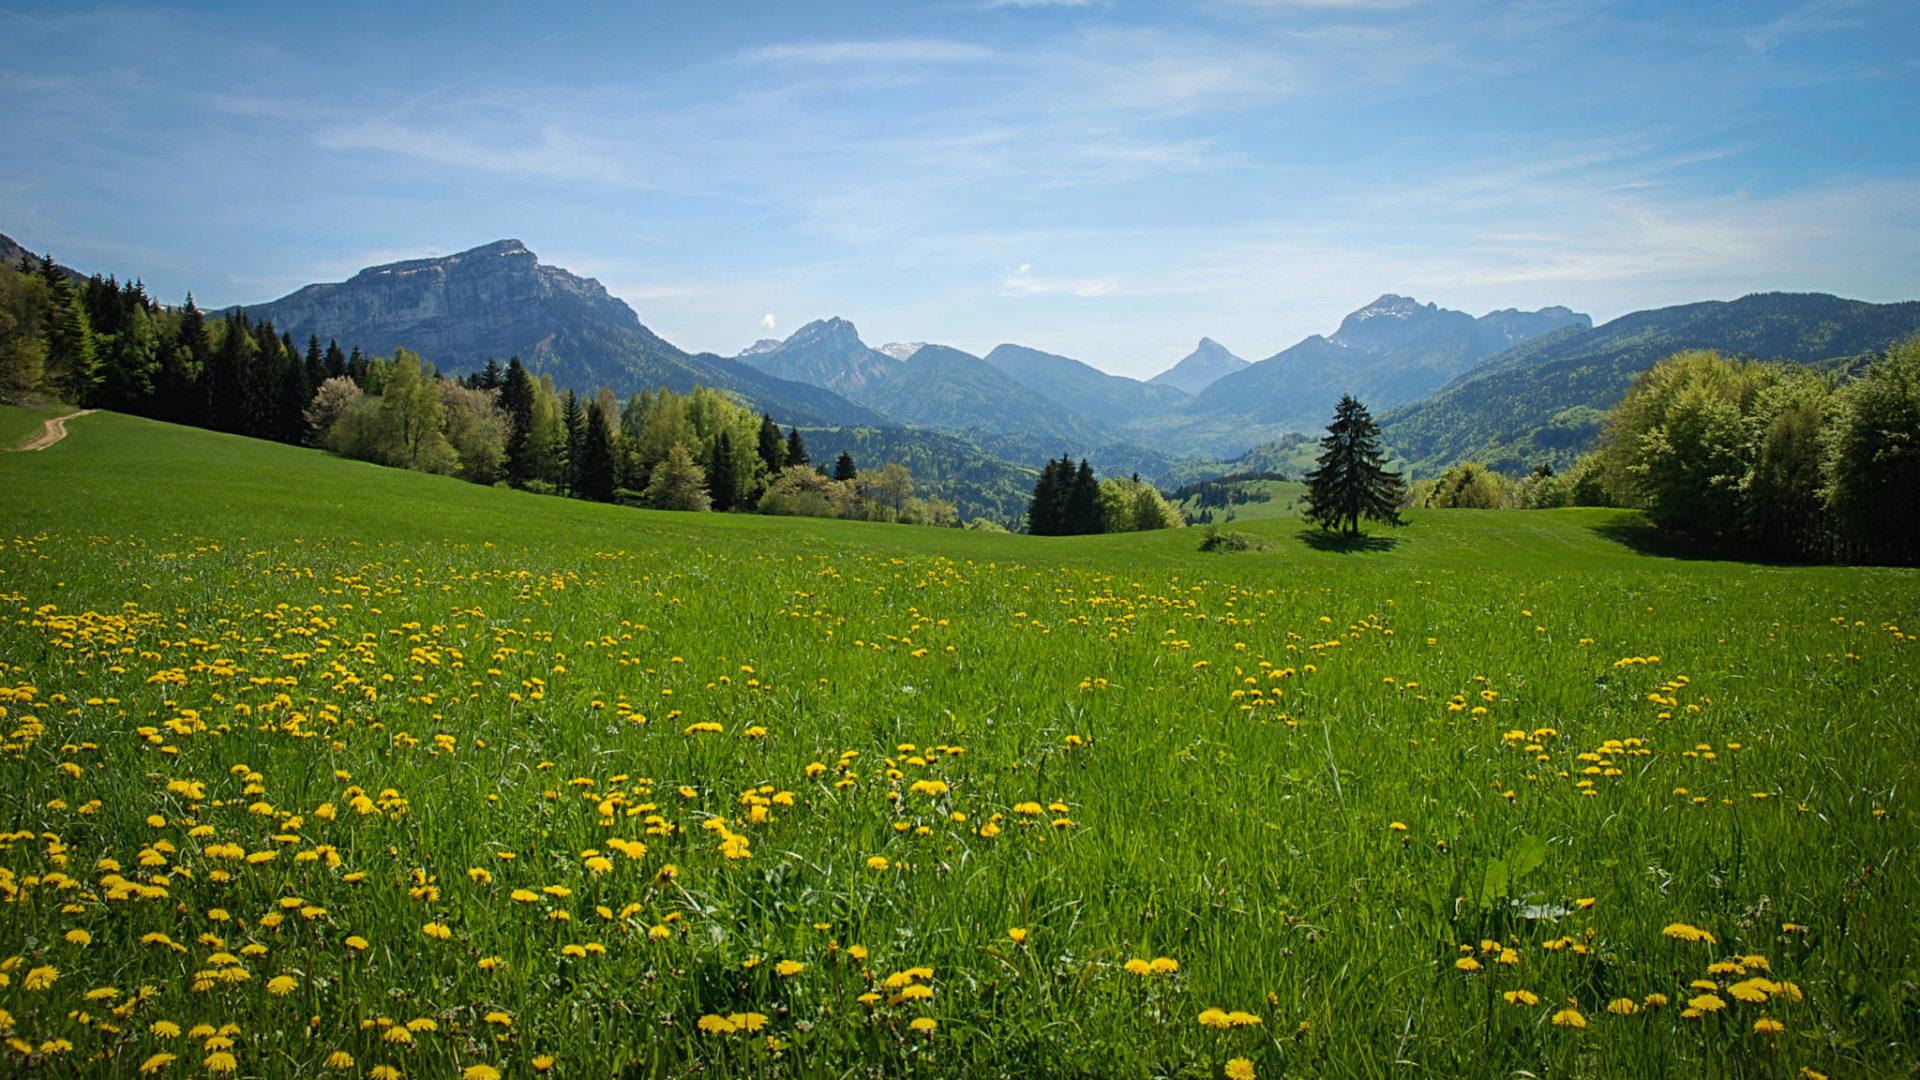 Les paysages de la vallée des Entremonts, ouverts et verdoyants !